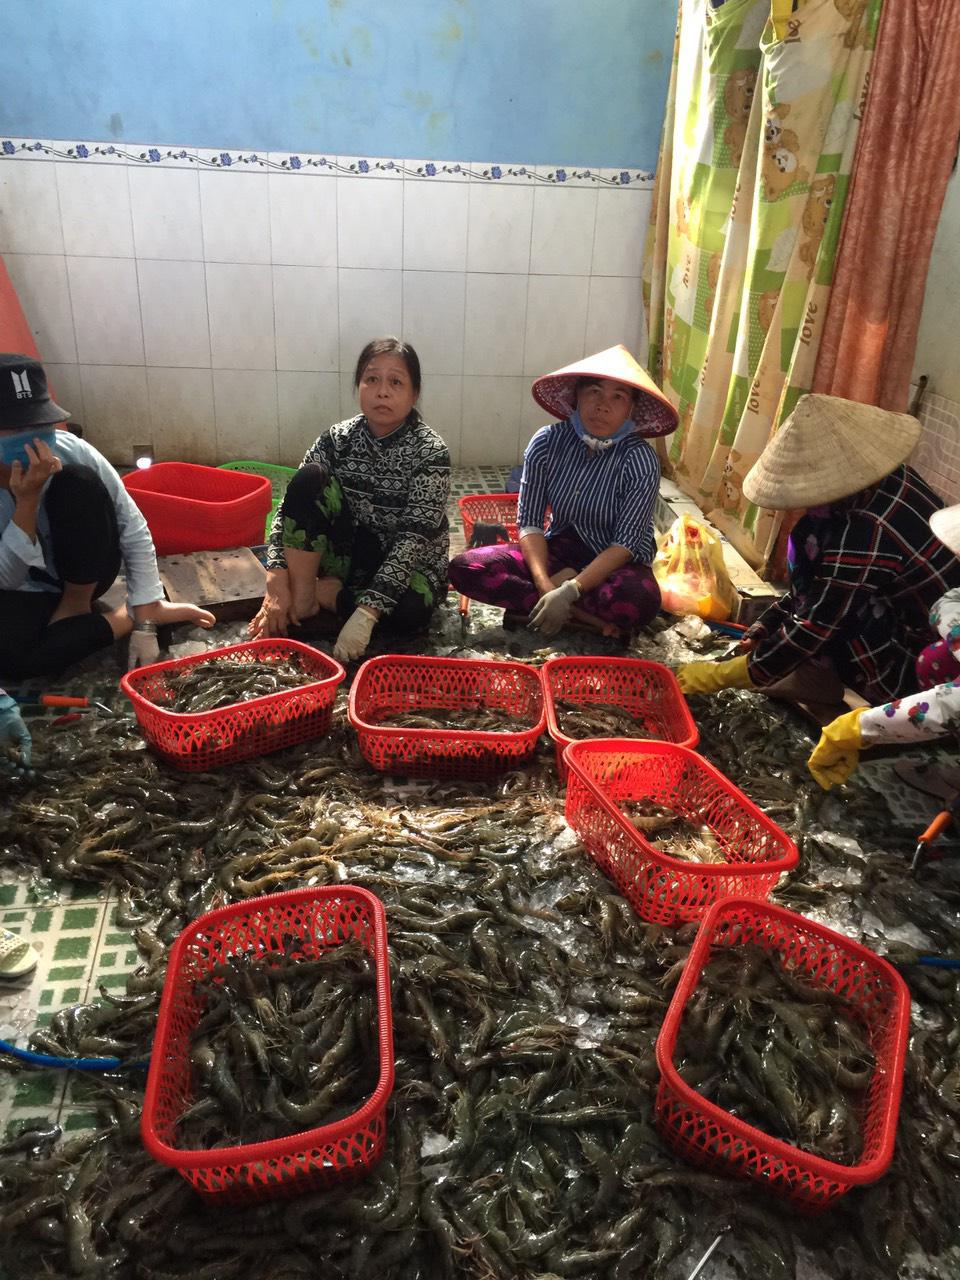 Bắt quả tang cơ sở đang đưa tạp chất vào tôm nguyên liệu tại Kiên Giang - Ảnh 1.